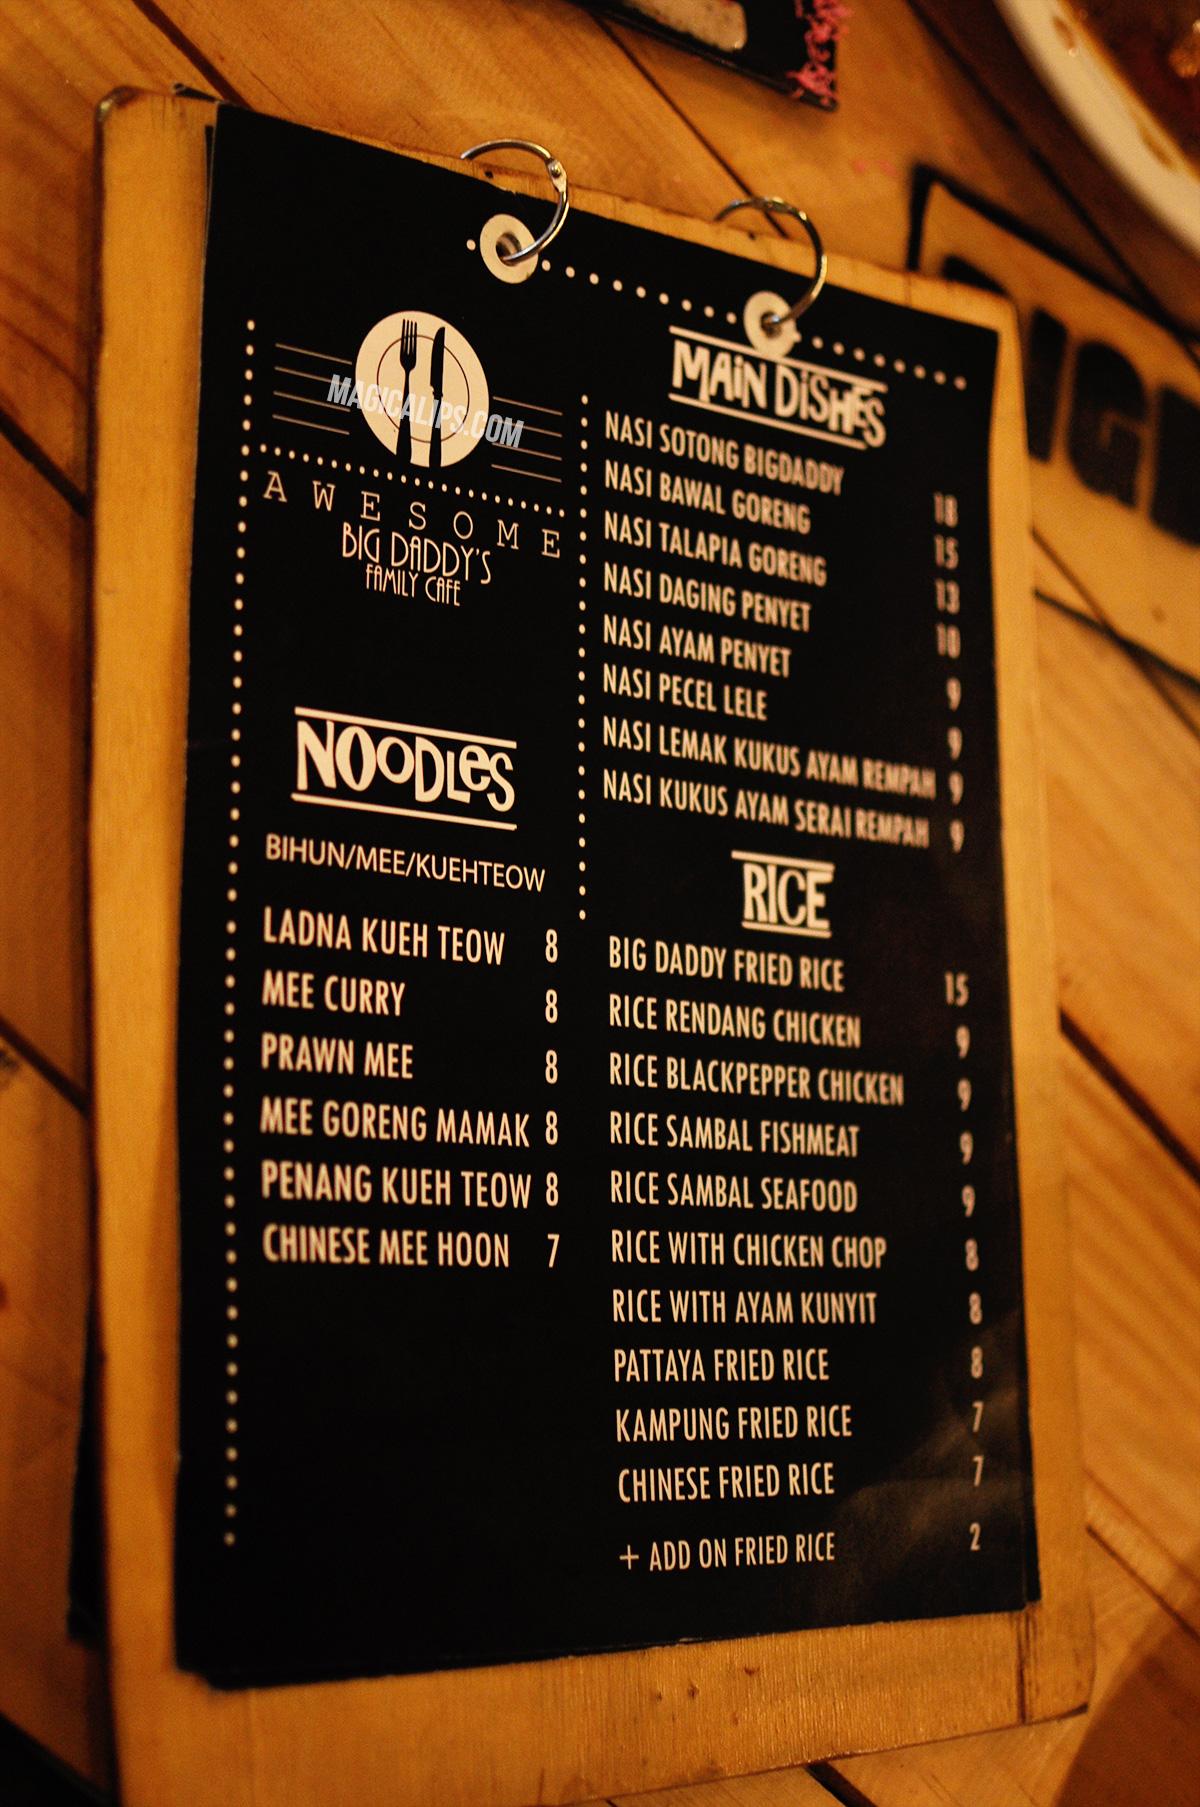 7-Menu-Berapi-Restoran-Big-Daddys-di-JB-Melekat-Kat-Tekak-6